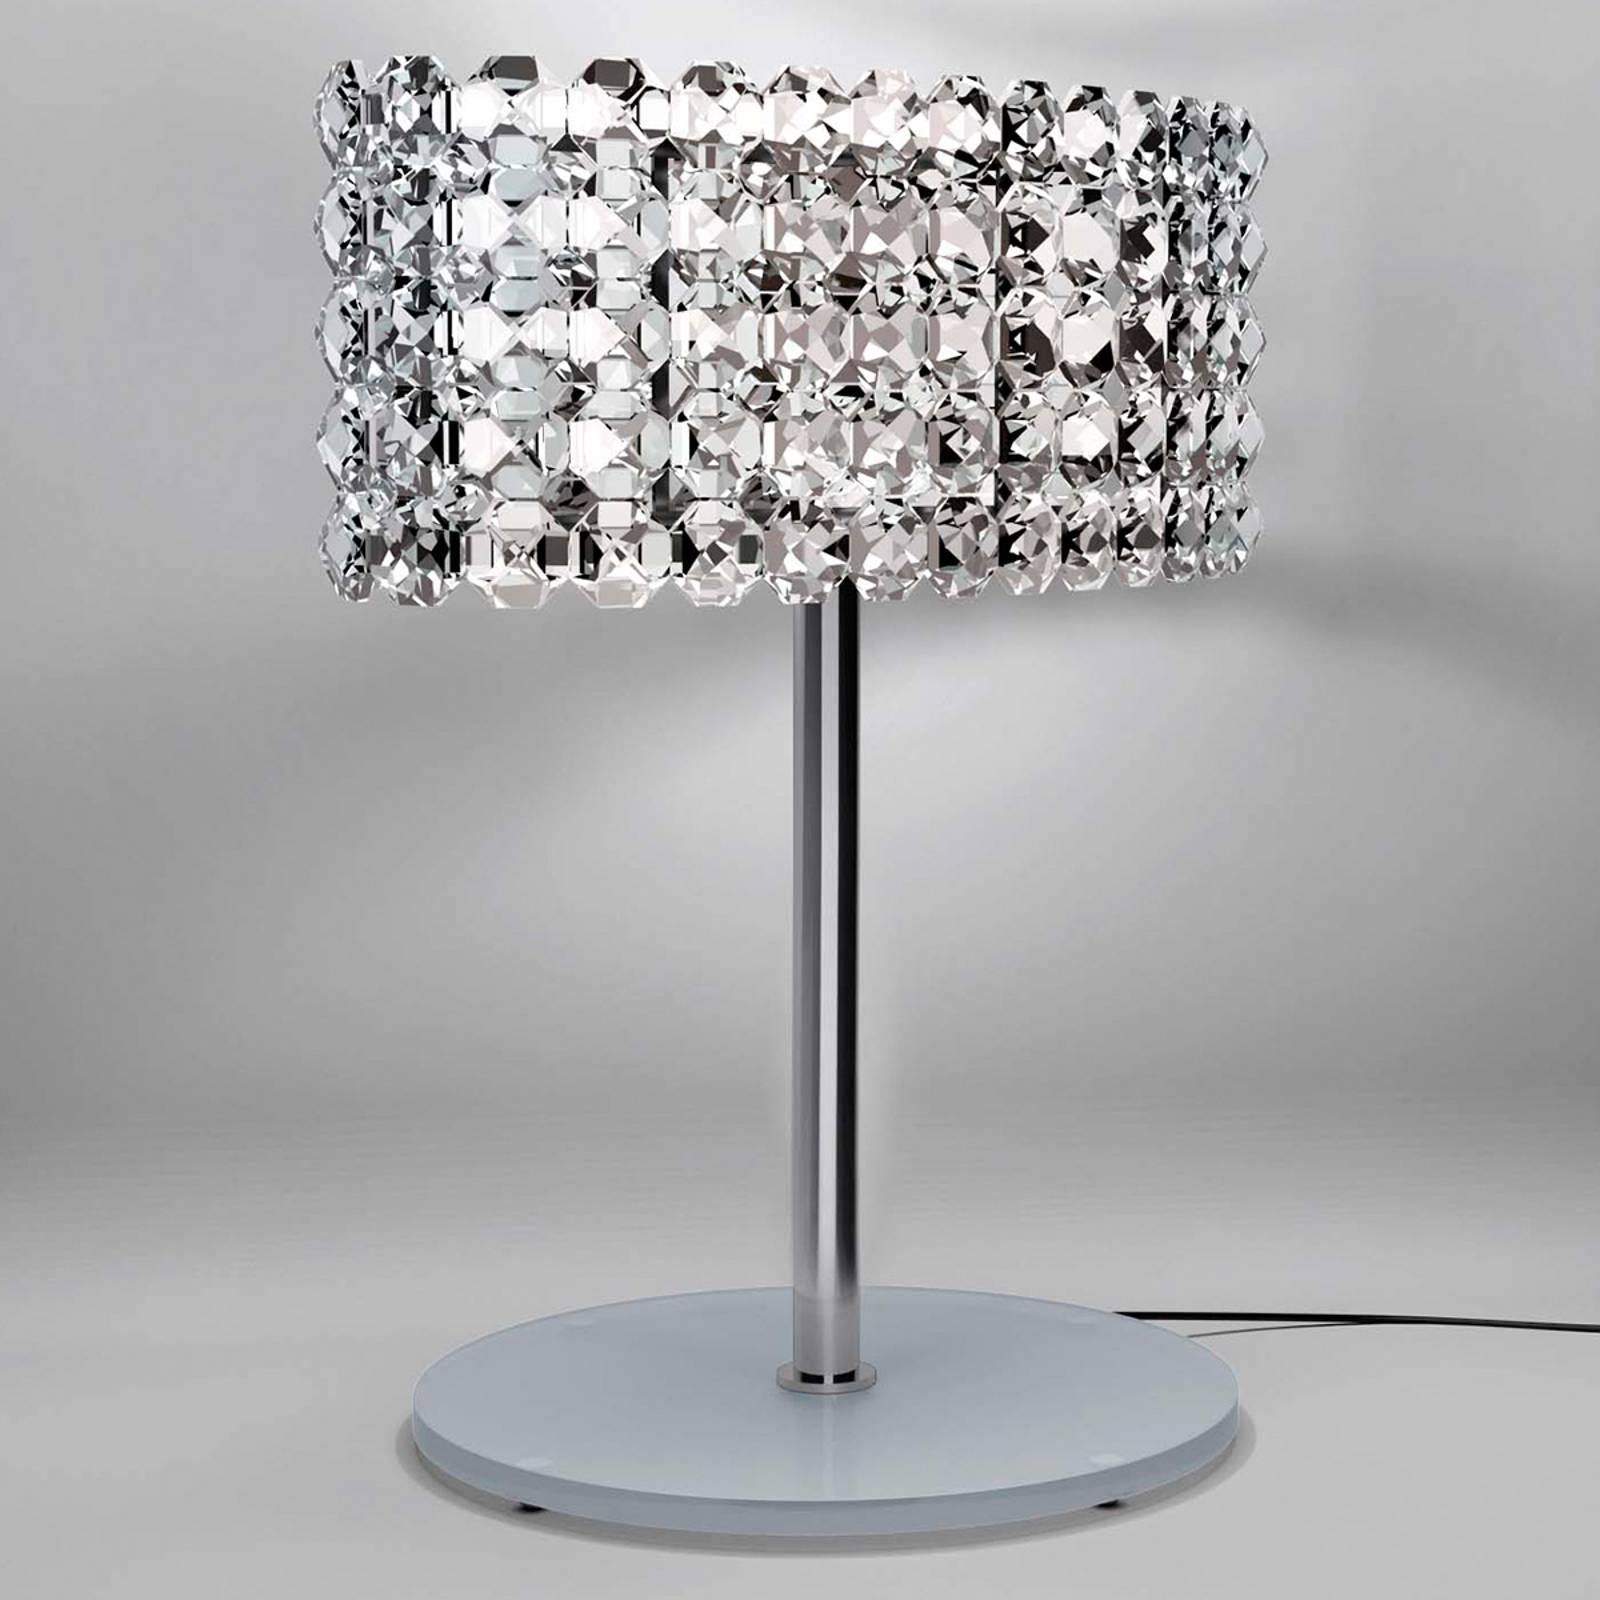 Tyylikäs kristallipöytälamppu BACCARAT läpinäkyvä